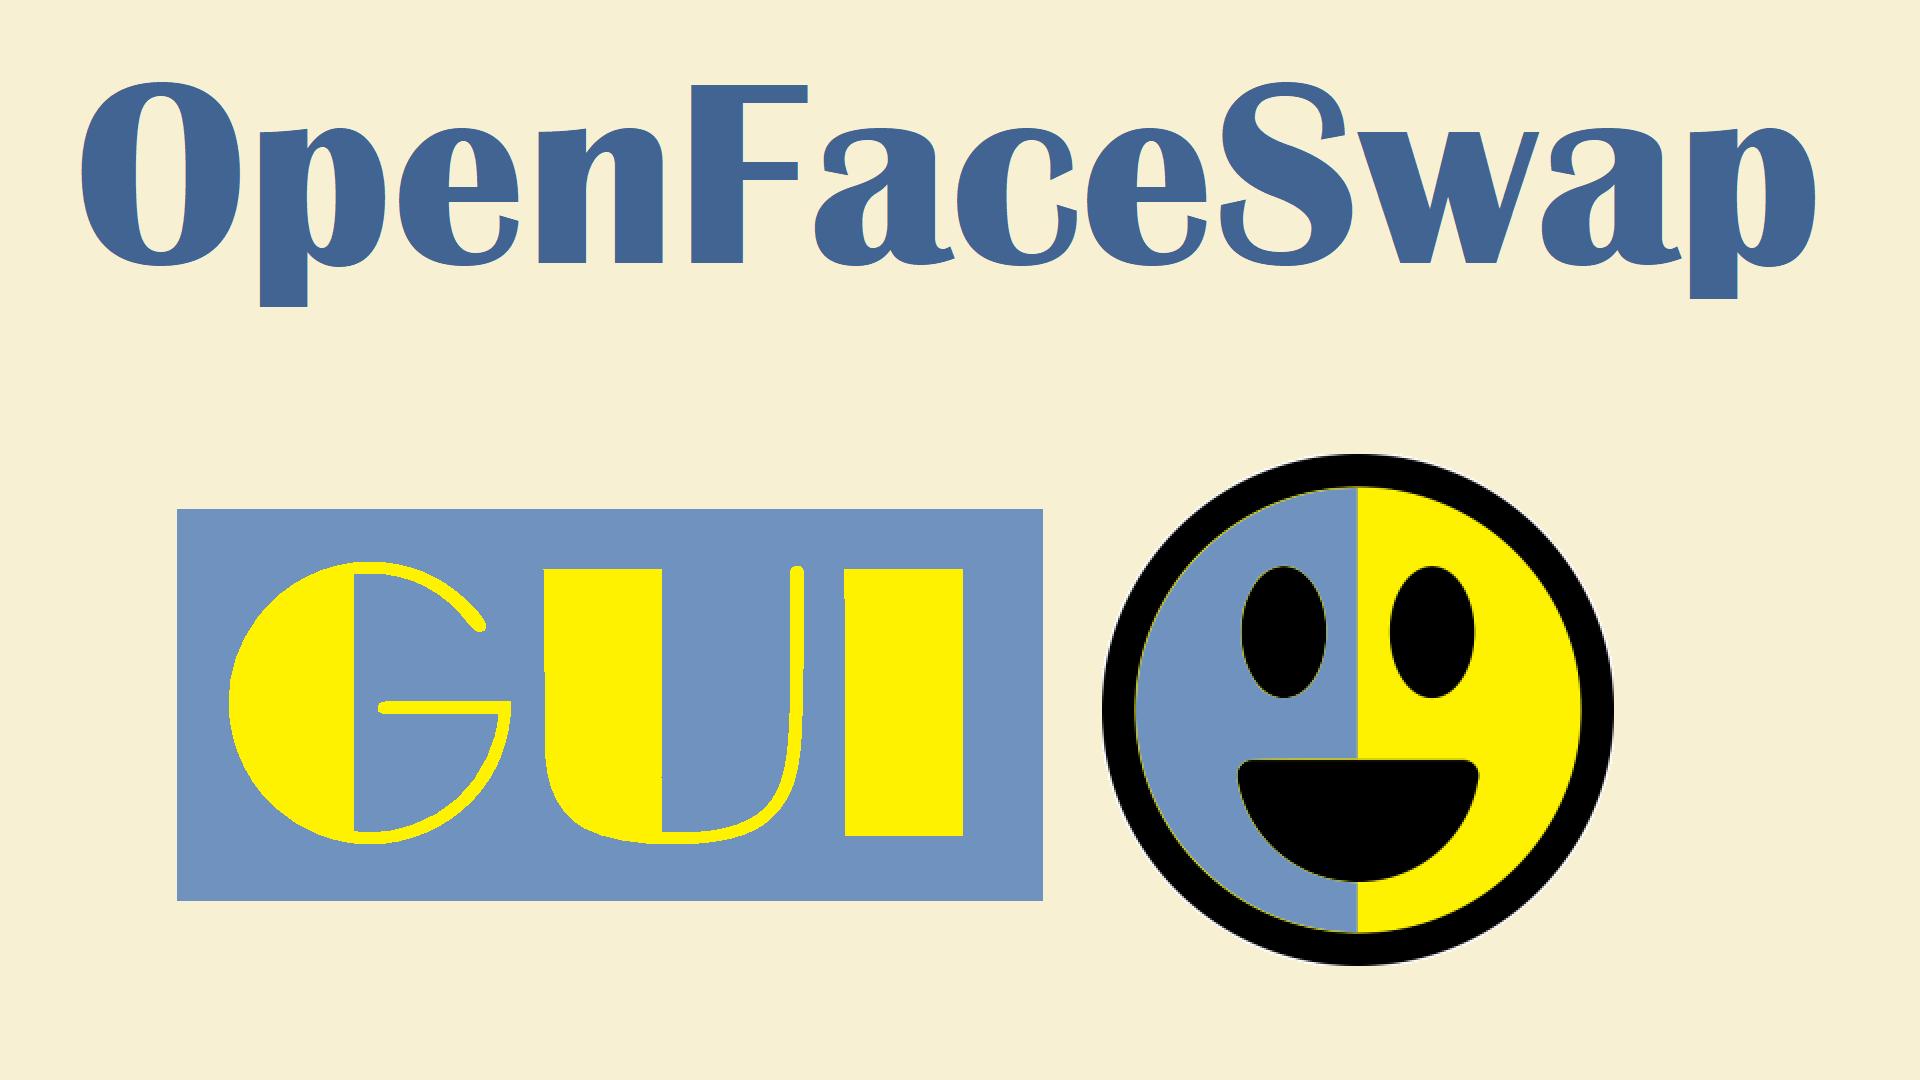 OpenFaceSwap: A DeepFakes GUI